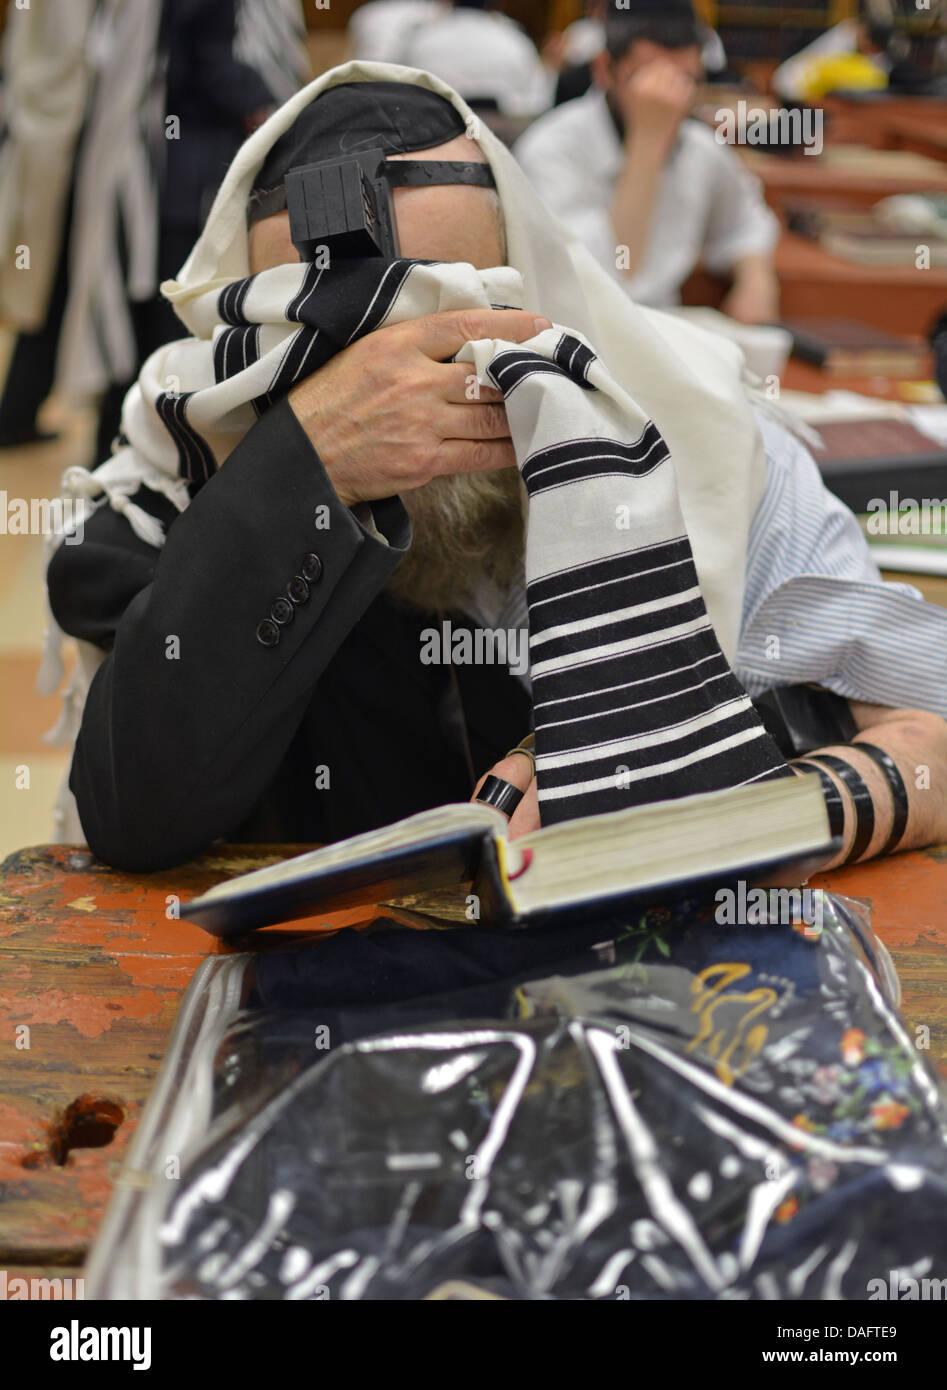 An ultra religious Jewish man saying the shema prayer at a synagogue